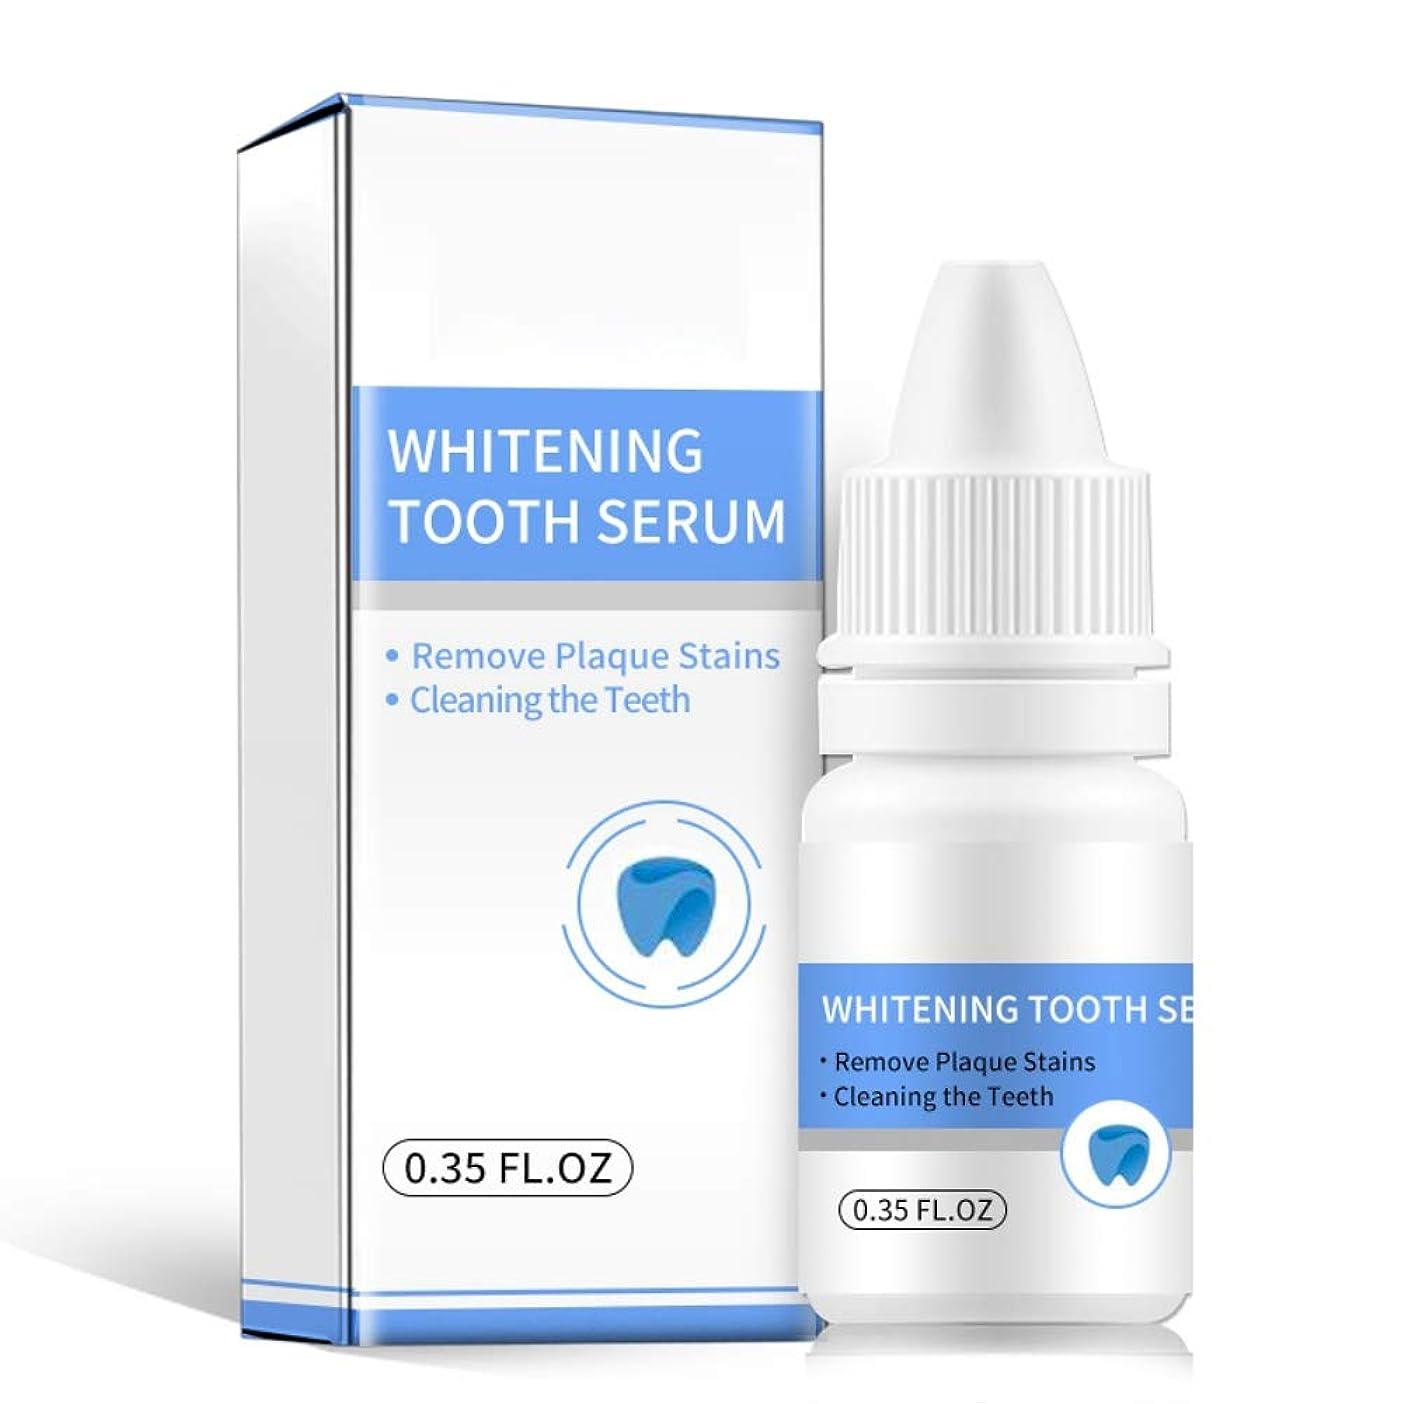 ステンレス不承認脆いホワイトニングトゥースウォッシュ-感度なしで毎日使用する場合:歯科医が処方し、非毒性と認定